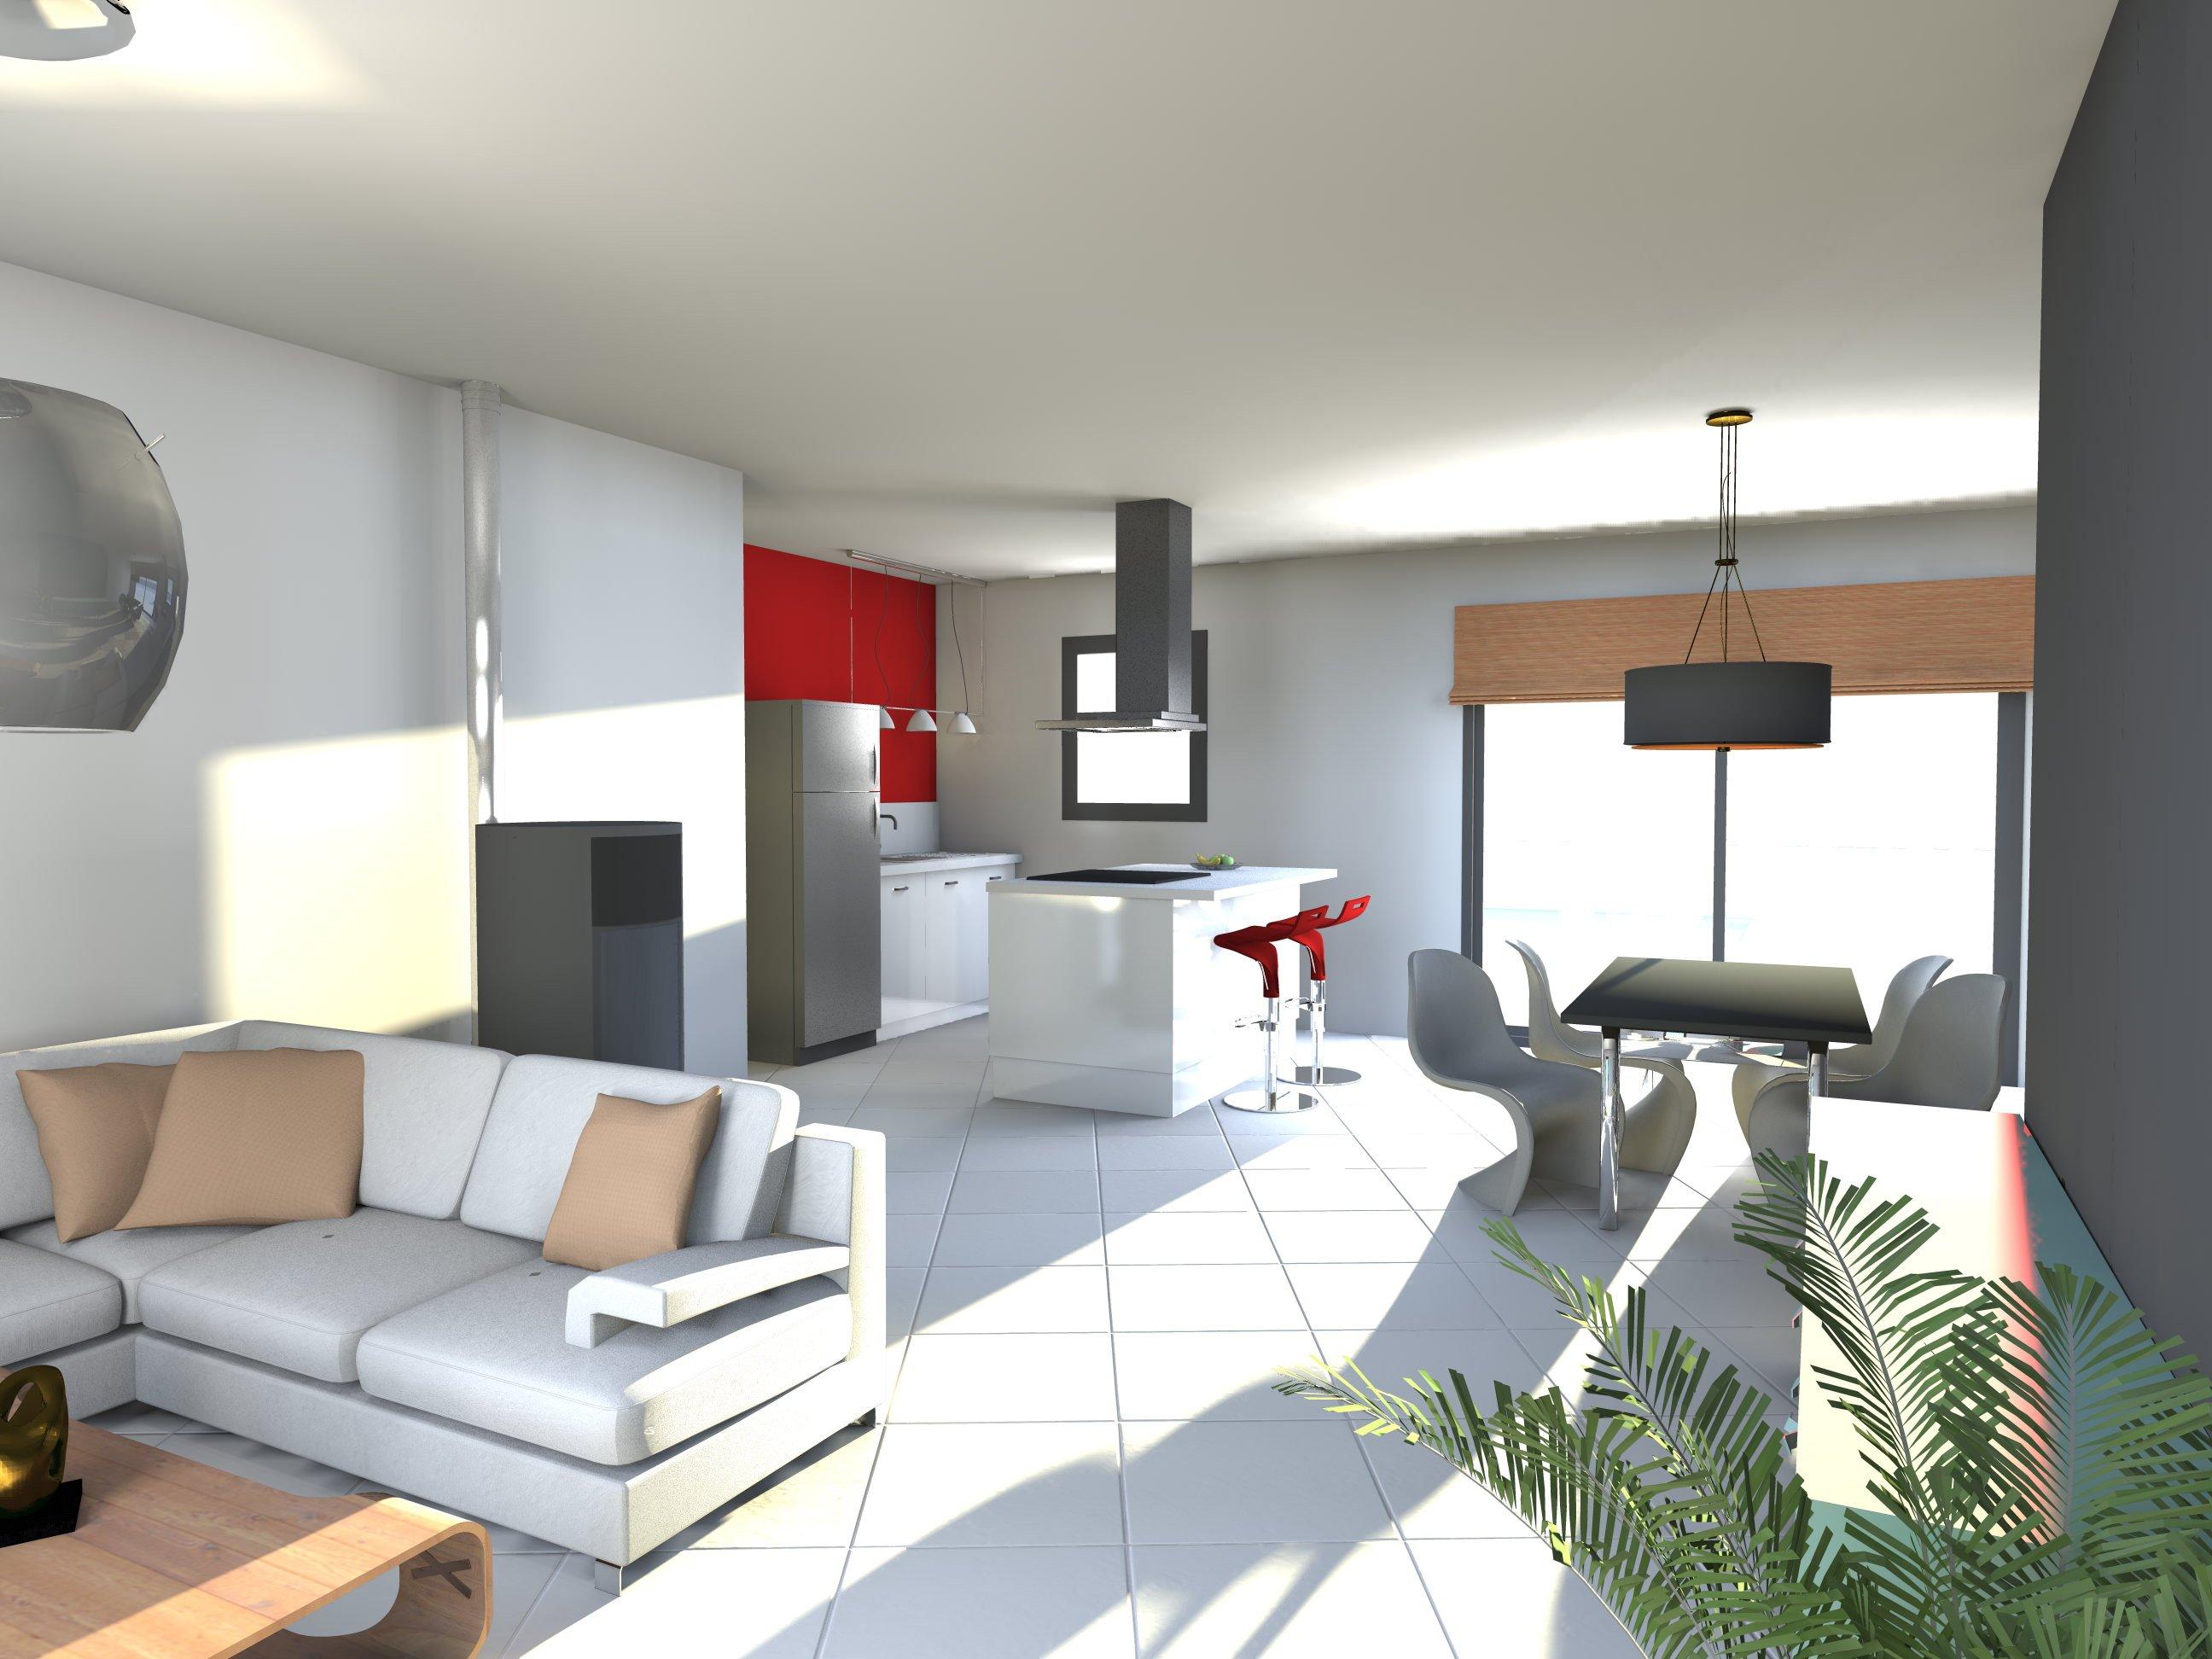 Maison 75 m2 | Top Maison